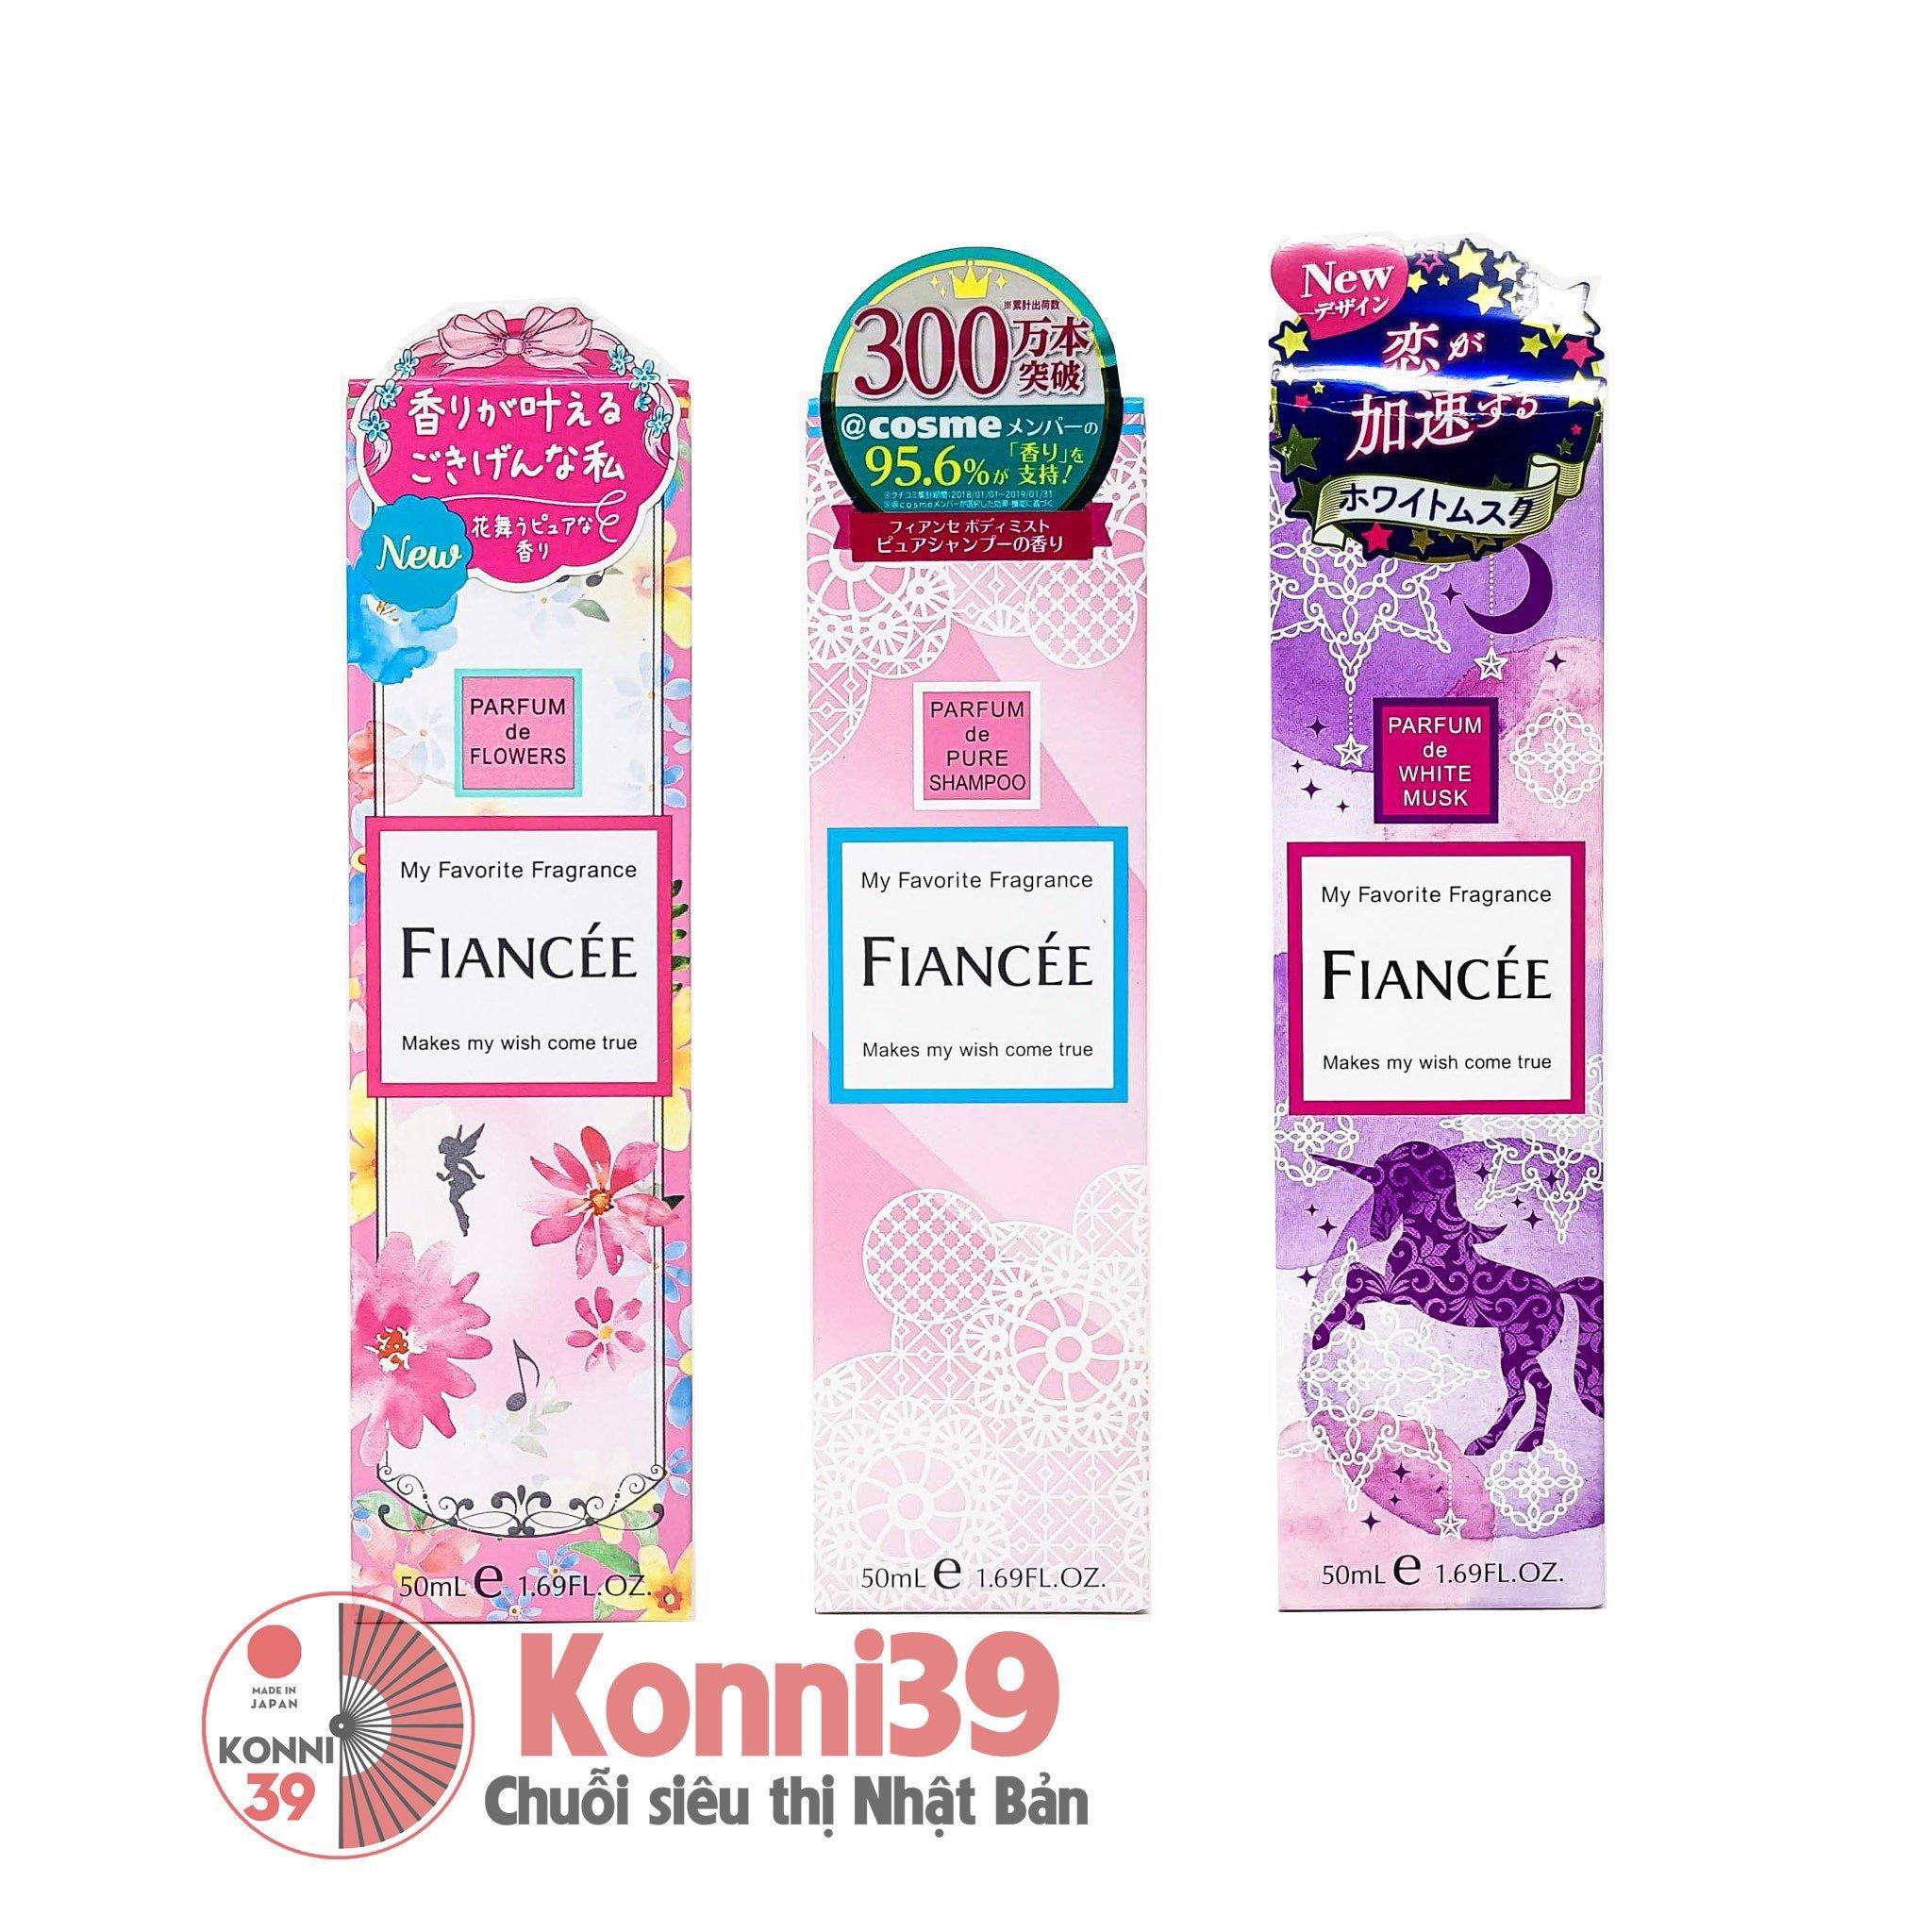 Nước hoa xịt toàn thân Fiancee Parfurm 50ml (3 Loại)